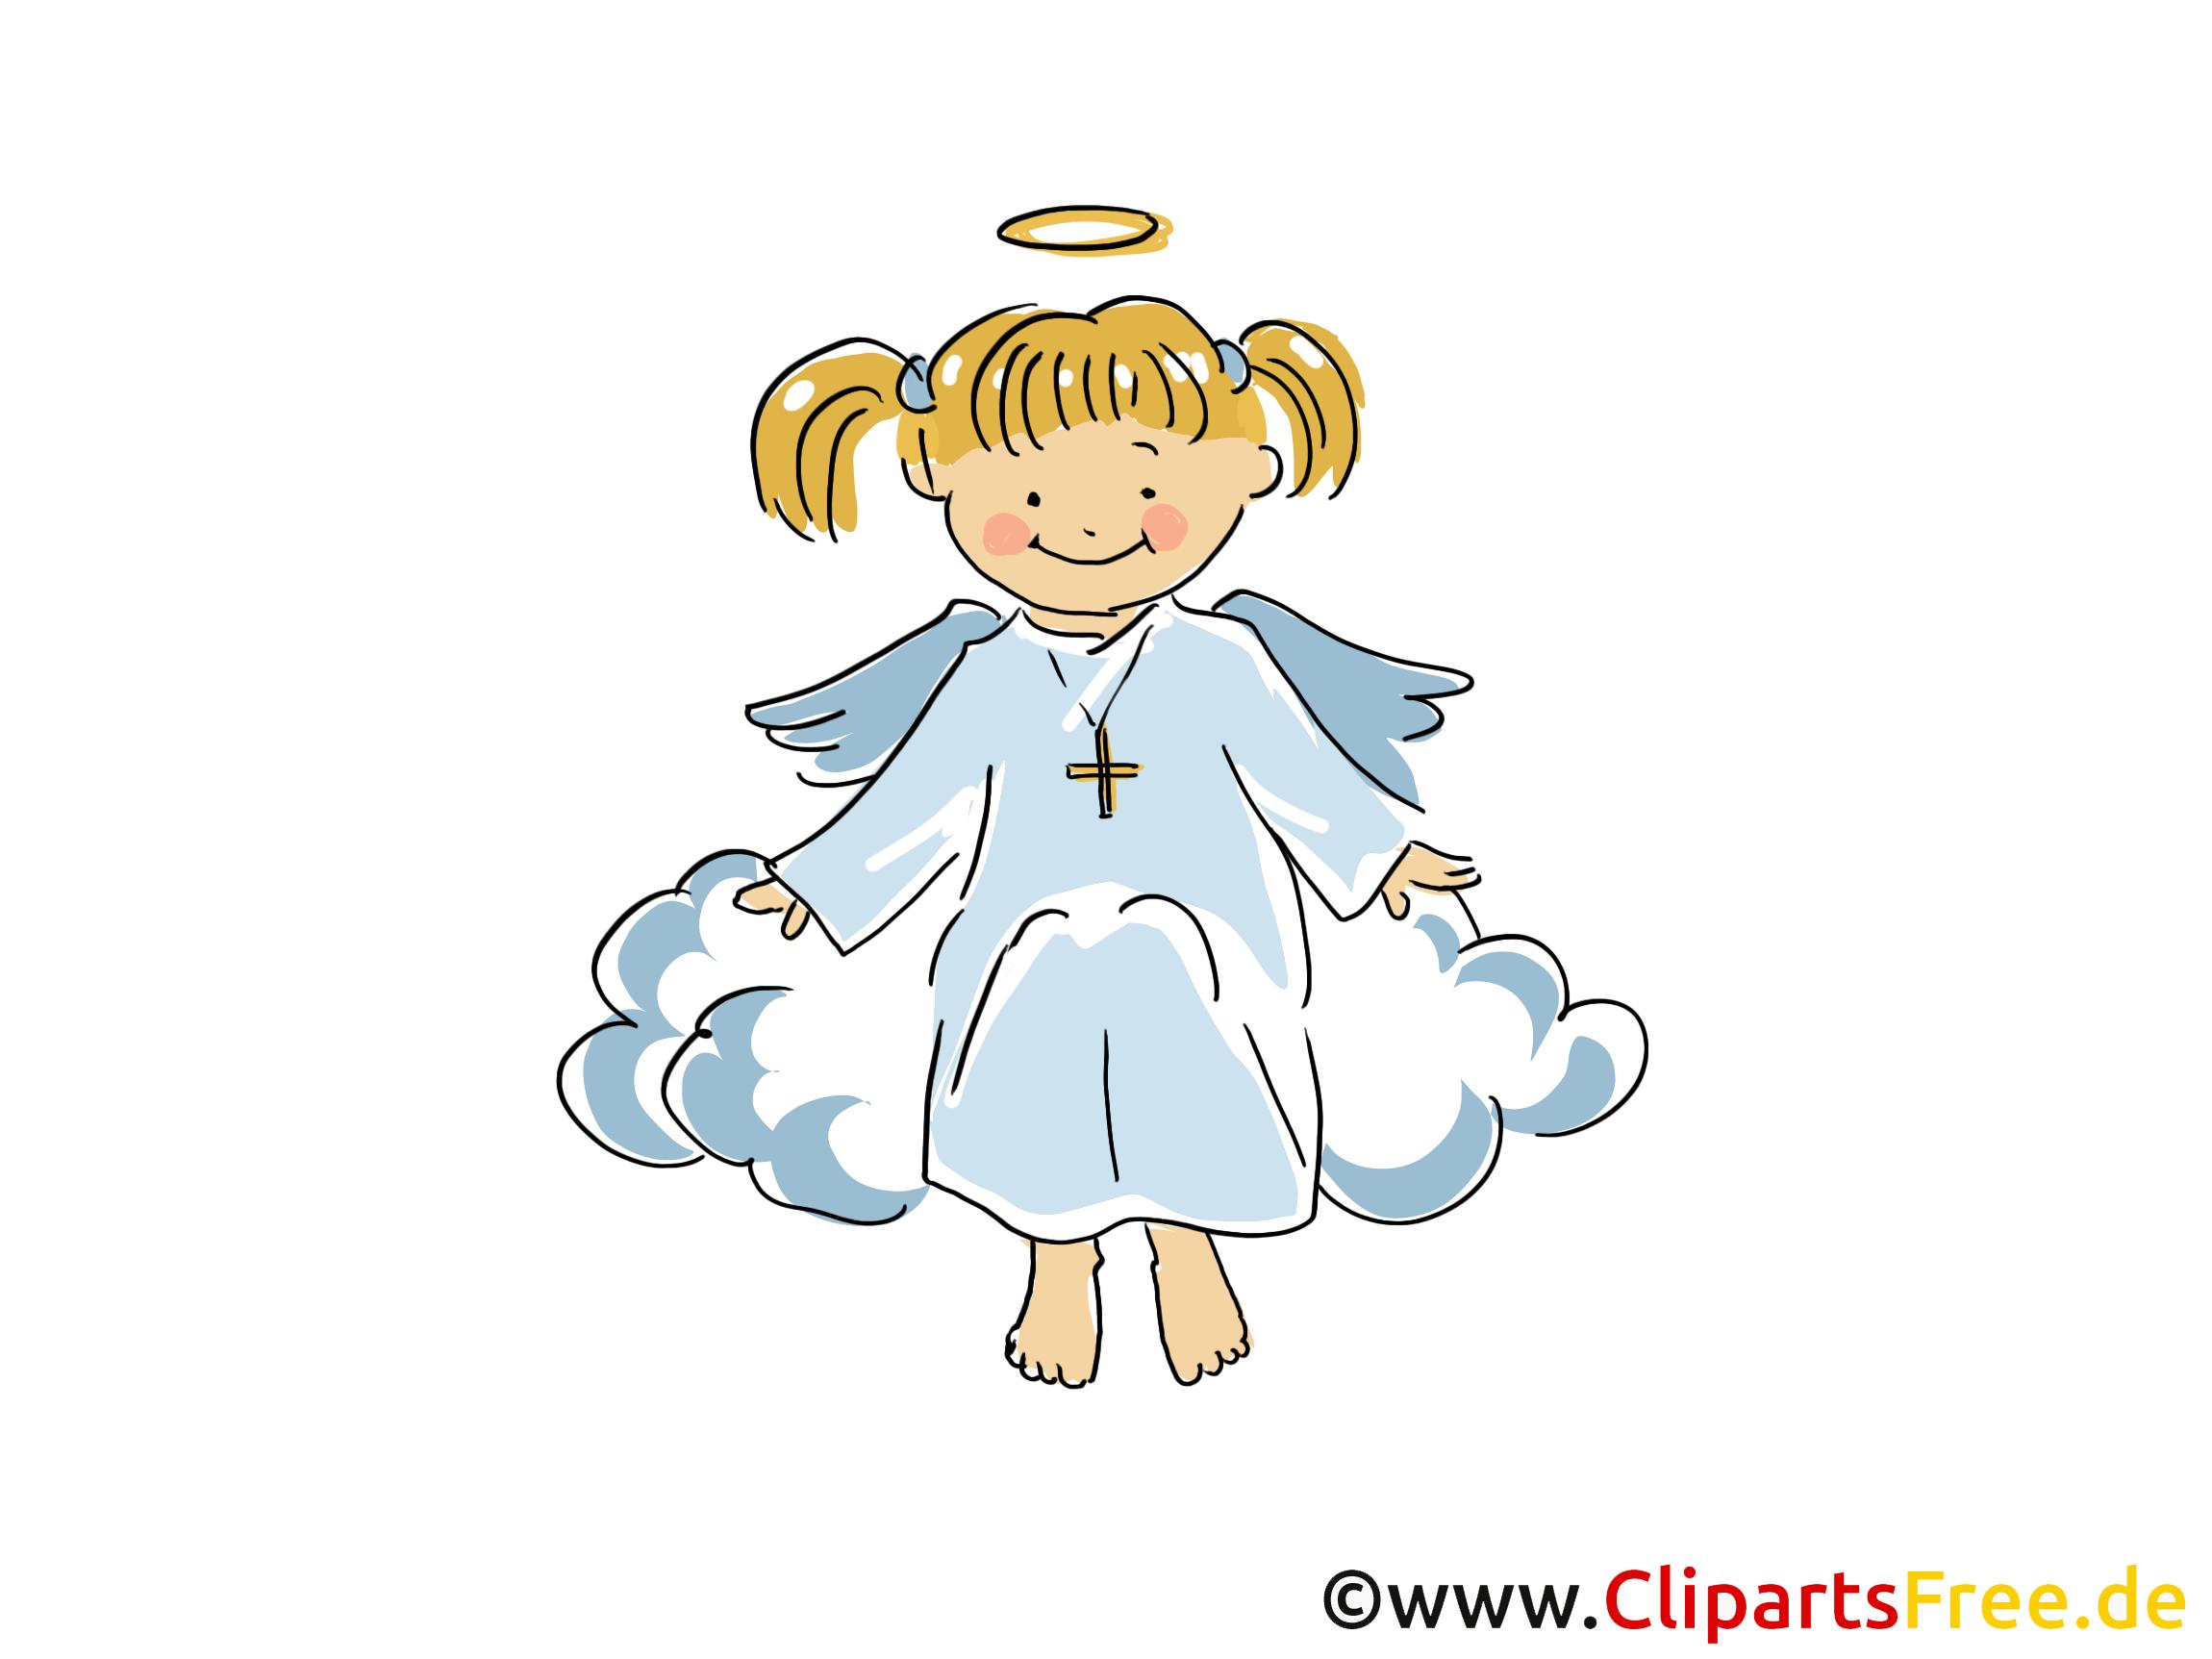 Ange dessin gratuit - Baptême clip arts gratuits - Baptême ...